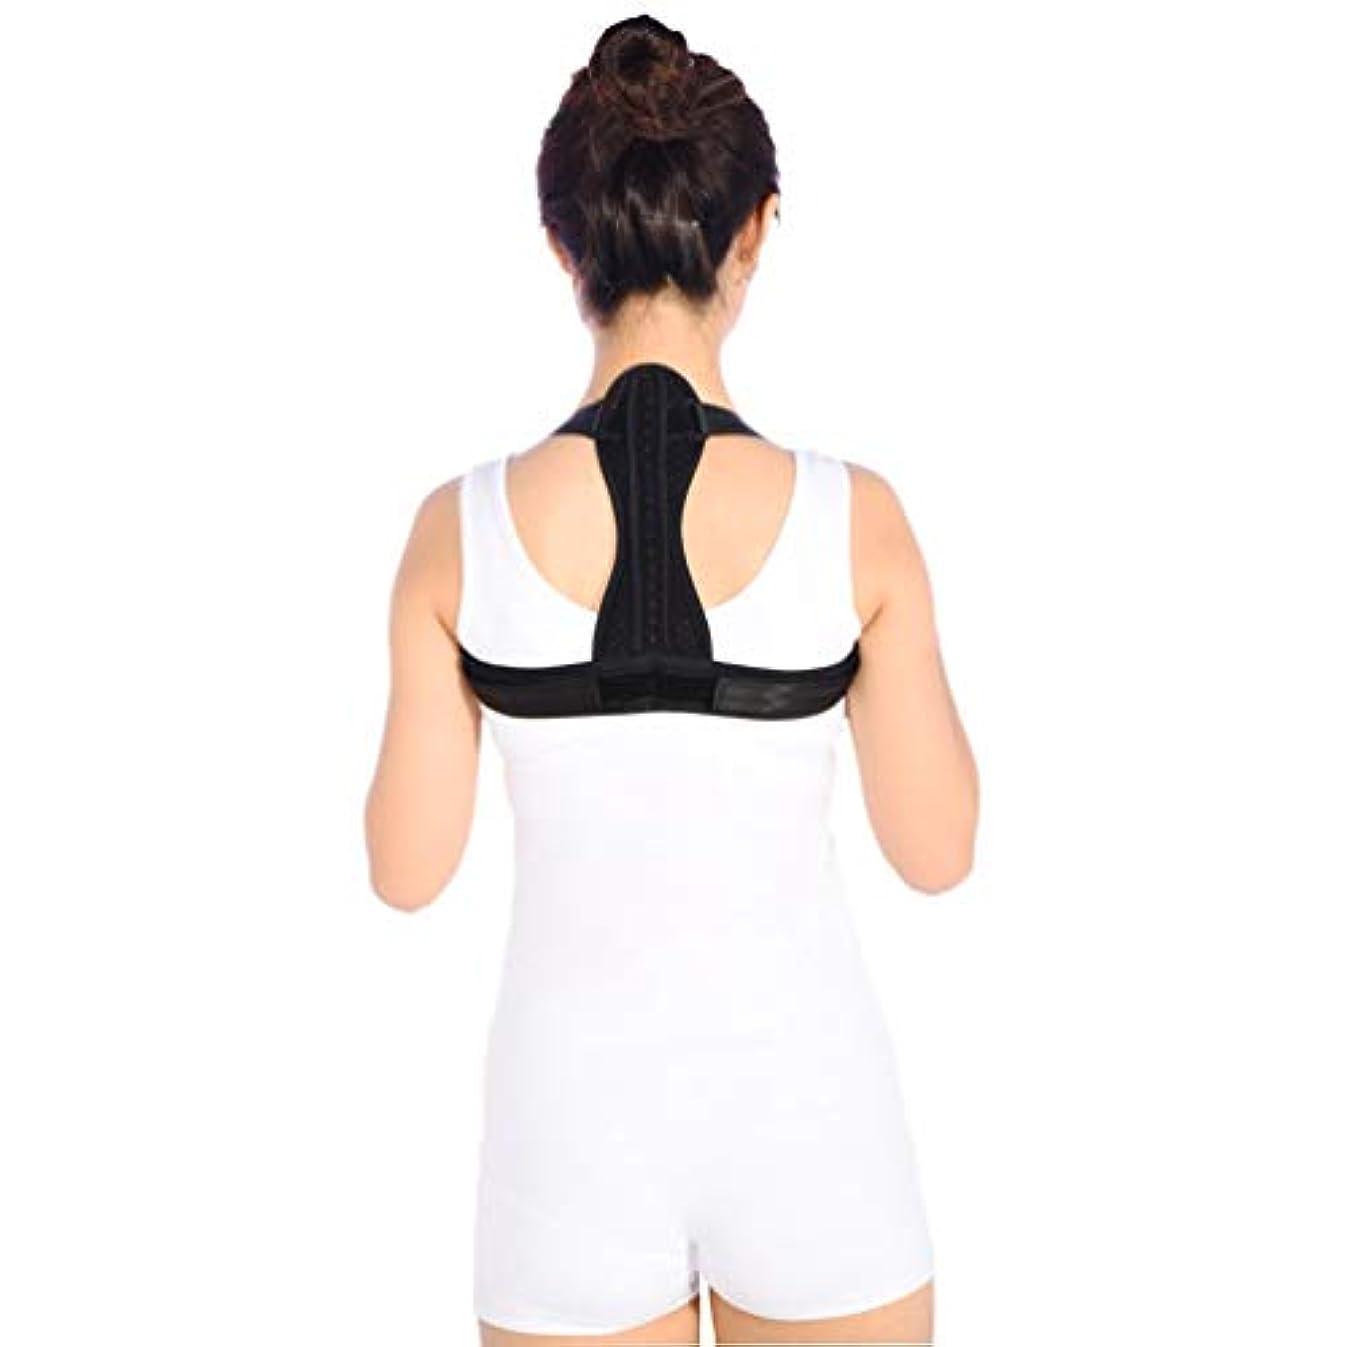 弱点エステート狂人通気性の脊柱側弯症ザトウクジラ補正ベルト調節可能な快適さ目に見えないベルト男性女性大人学生子供 - 黒